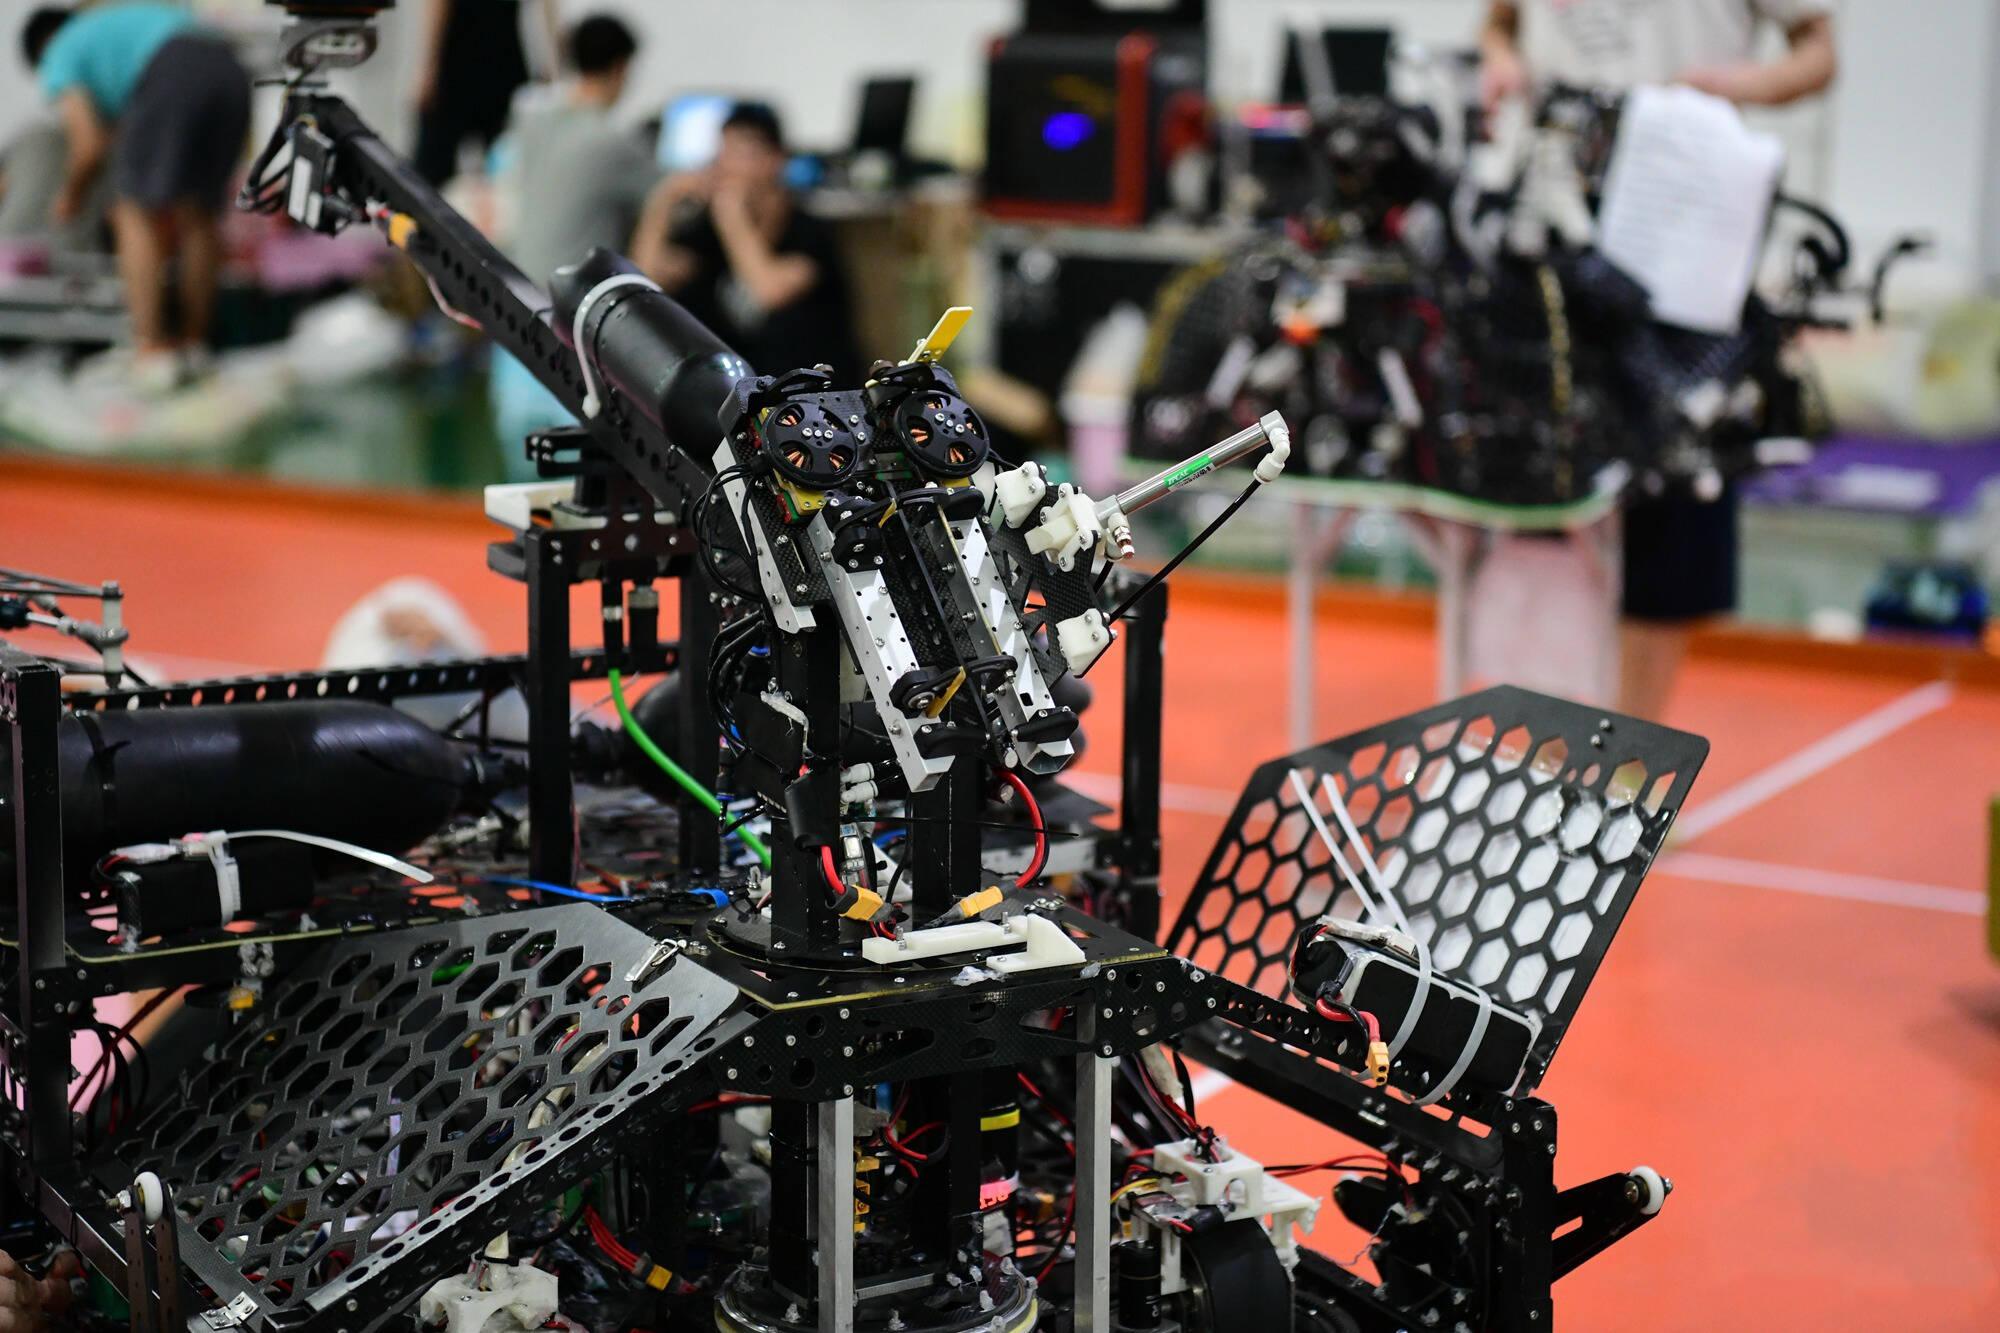 闪电海报 第二十届全国大学生机器人大赛ROBOCON赛事日程早知道